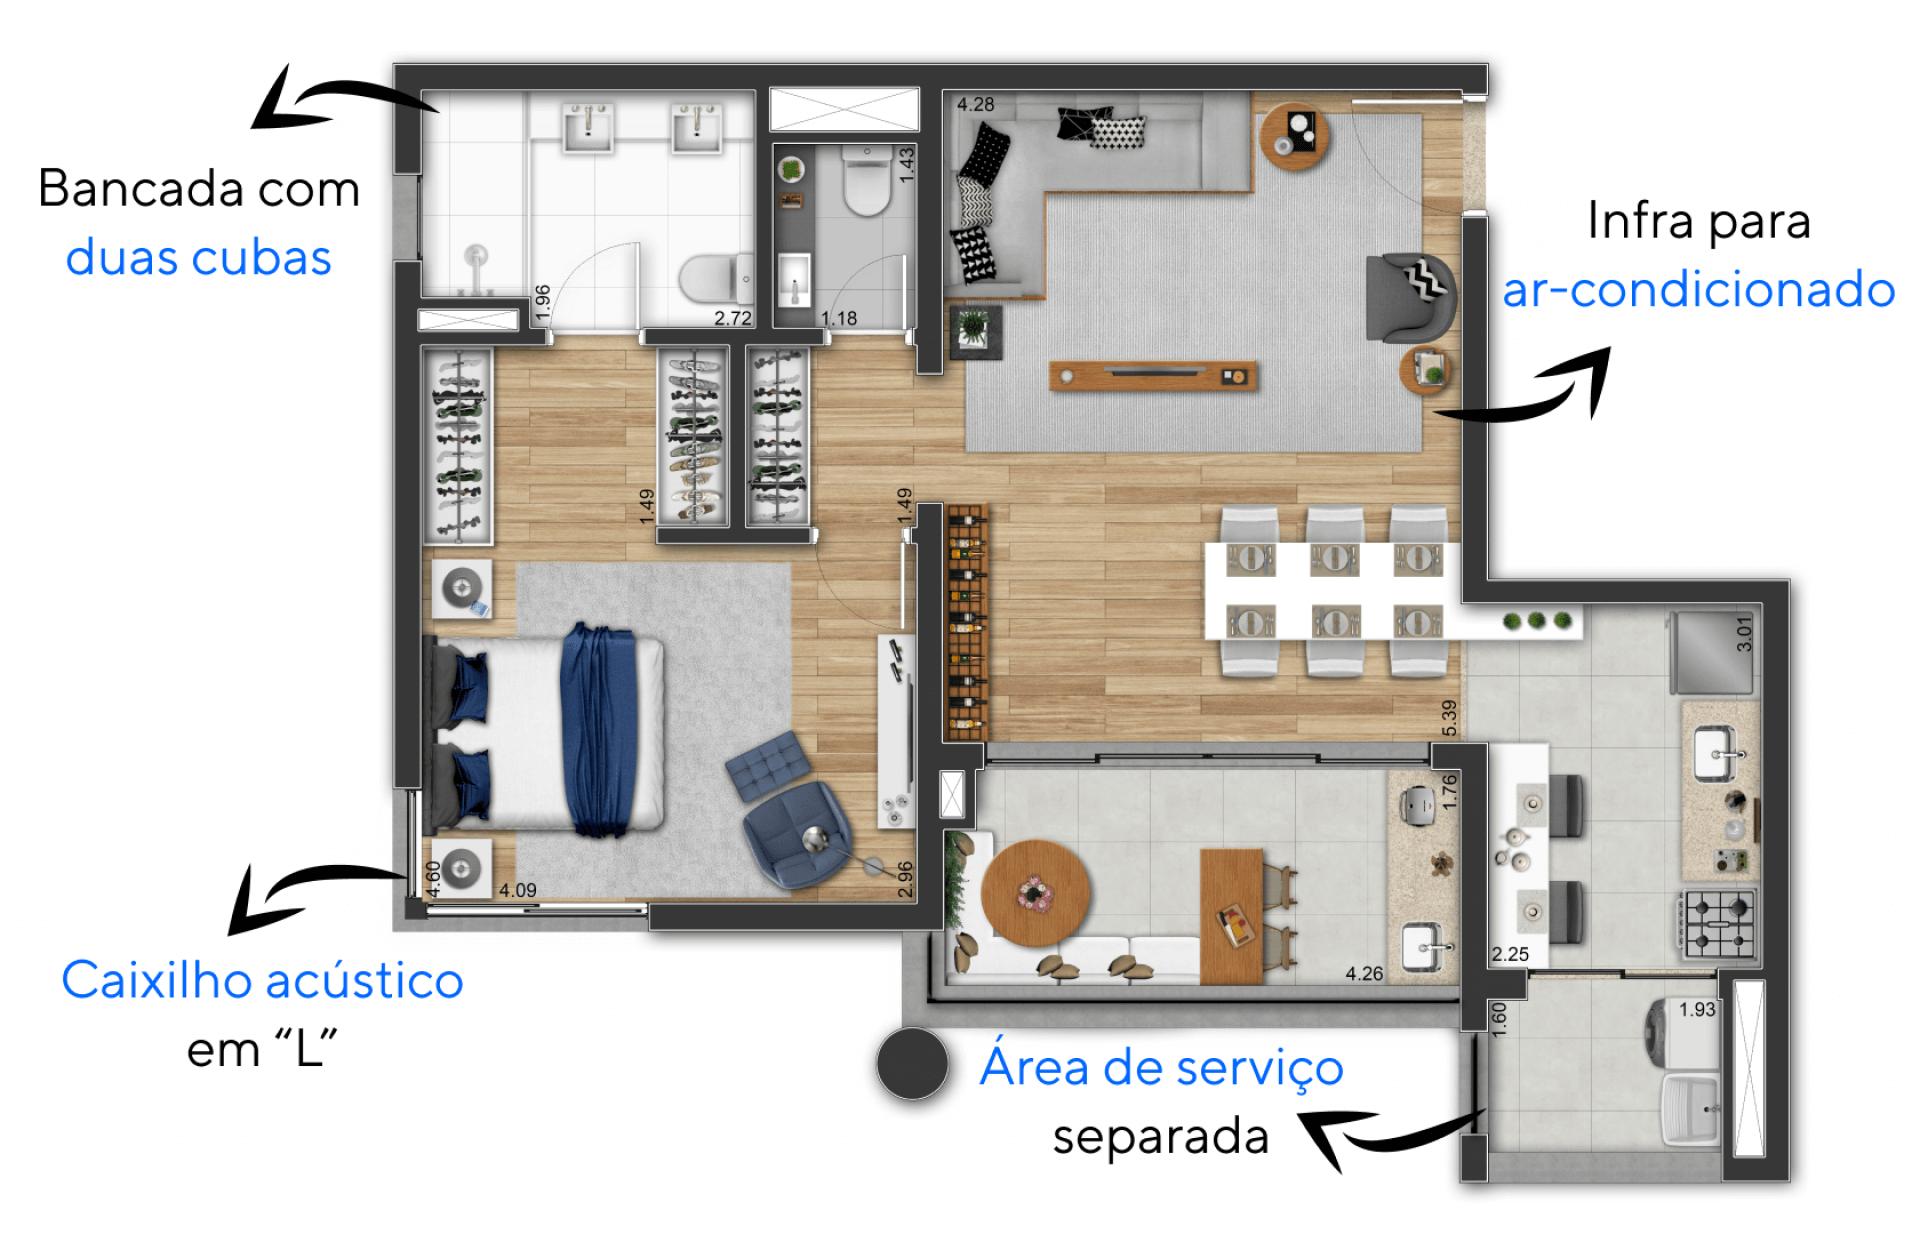 79 M² - 1 SUÍTE. Apartamento com confortável suíte que inclui espaço para closet e banheiro naturalmente ventilado. Destaque para o roupeiro ao lado do lavabo, um espaço funcional para organização da residência.